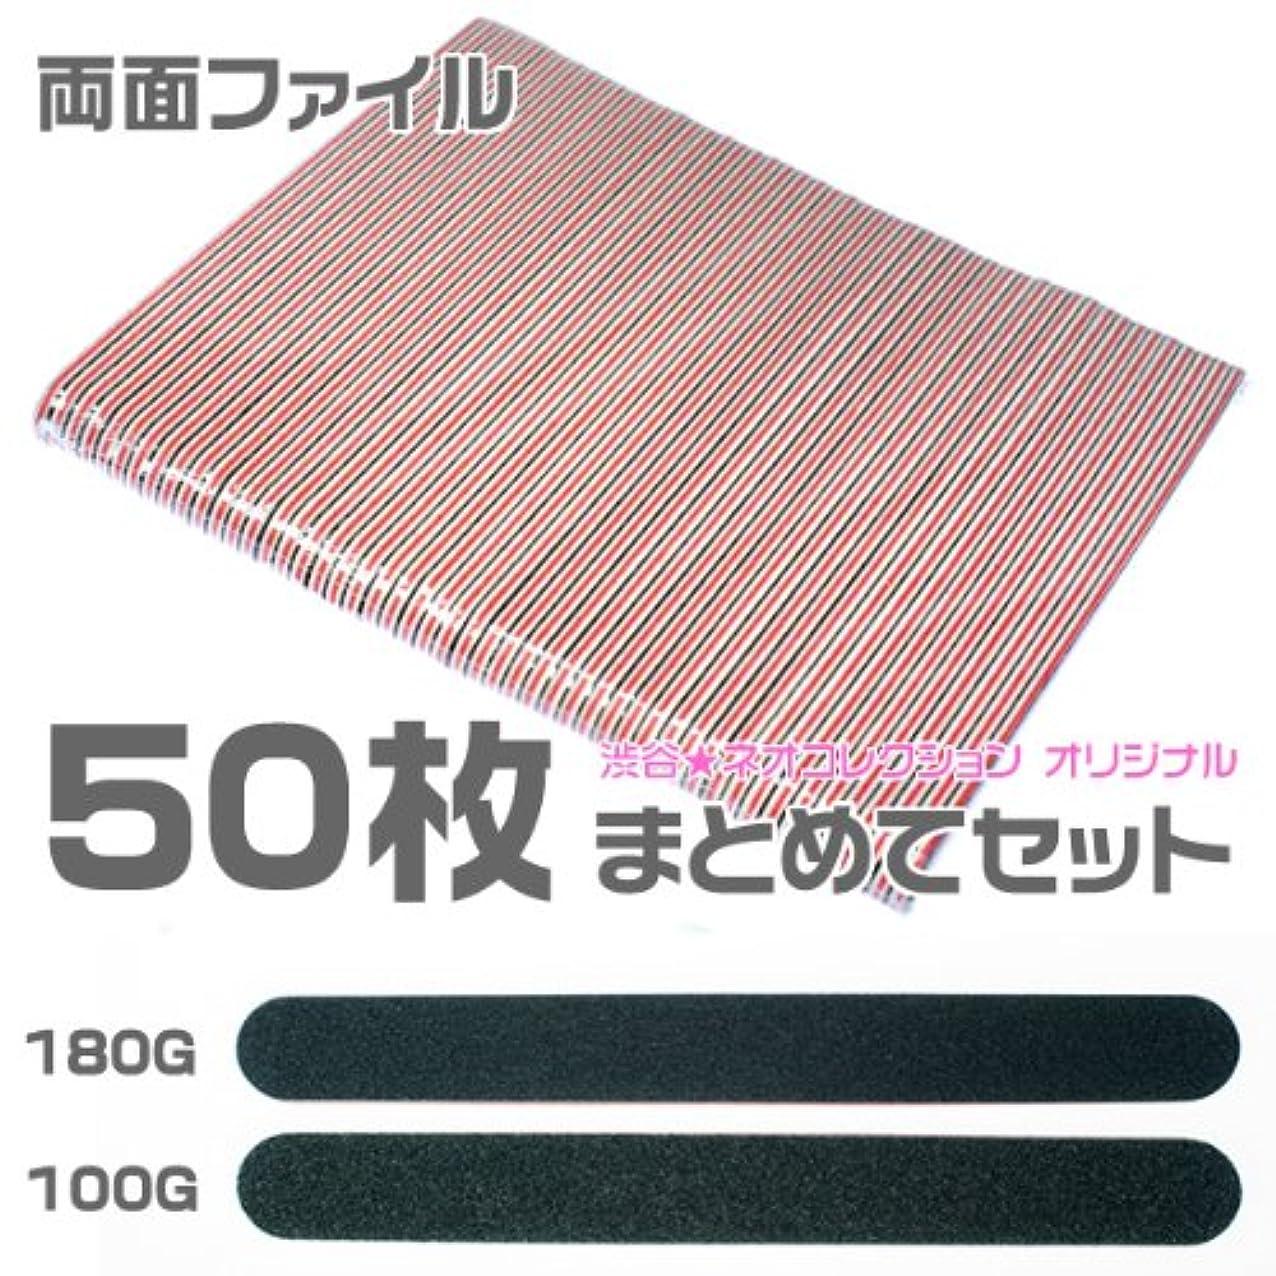 特殊受信ミキサー高品質ネイルファイル50枚セット 100 180G 大量まとめ買い エメリーボード 100グリッド180グリッド